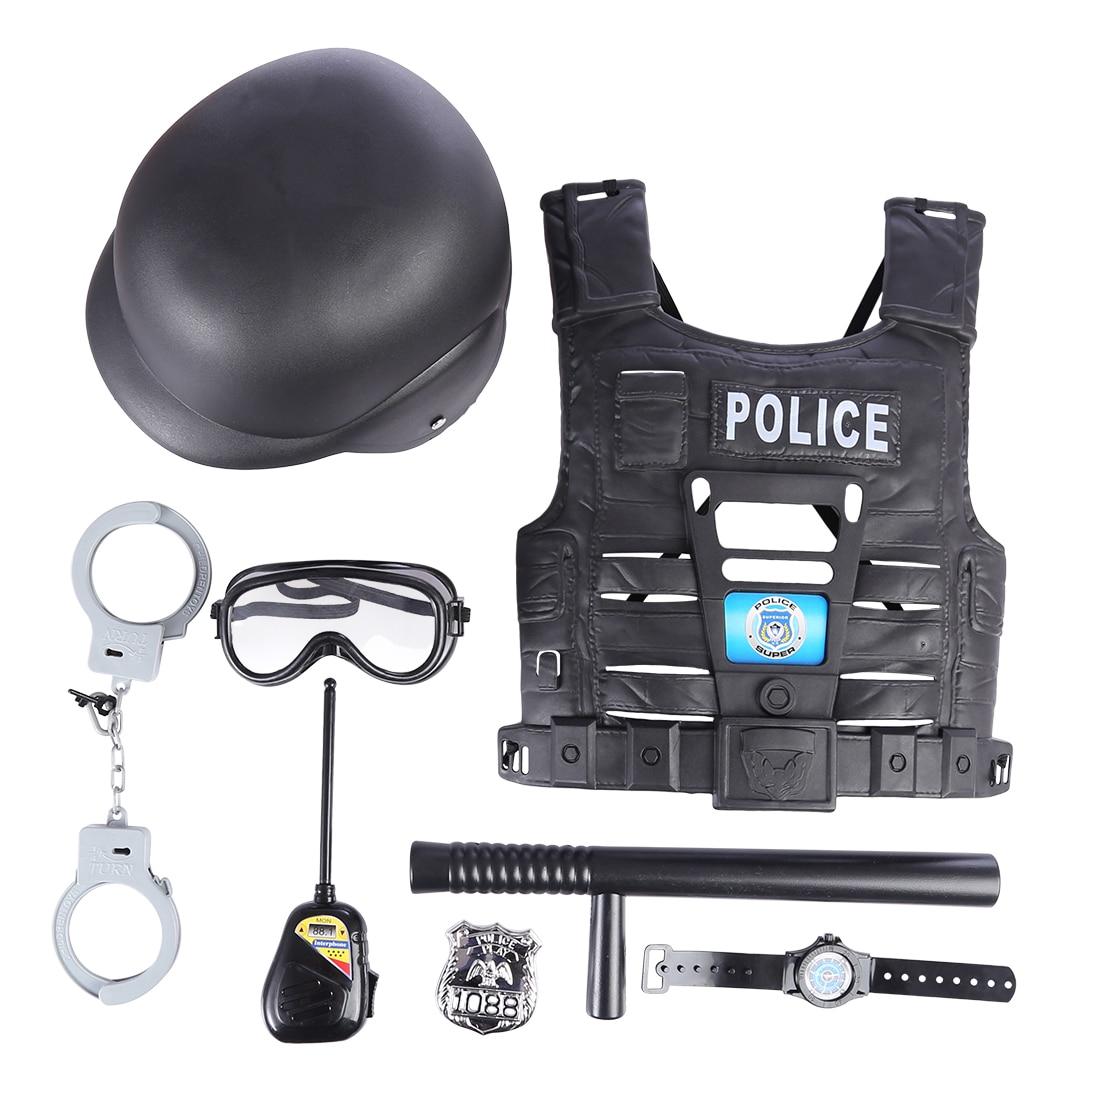 Traje de policía para el disfraz de policía Cosplay de policía de chlidron con casco gafas de policía ropa de oficial de policía para niños